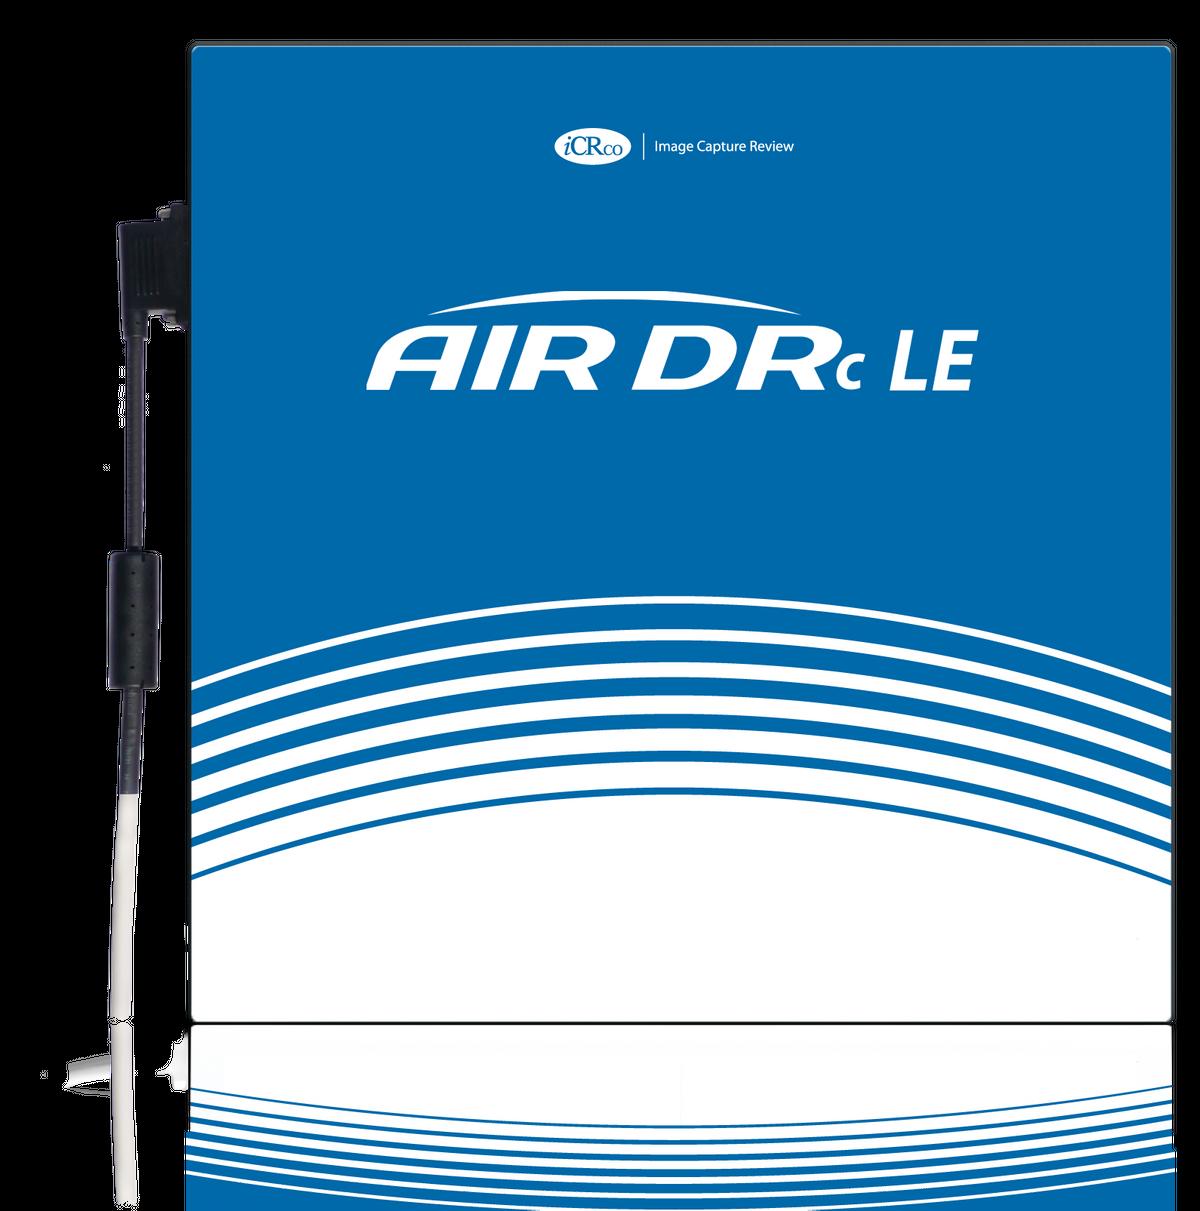 AirDRcLE logo